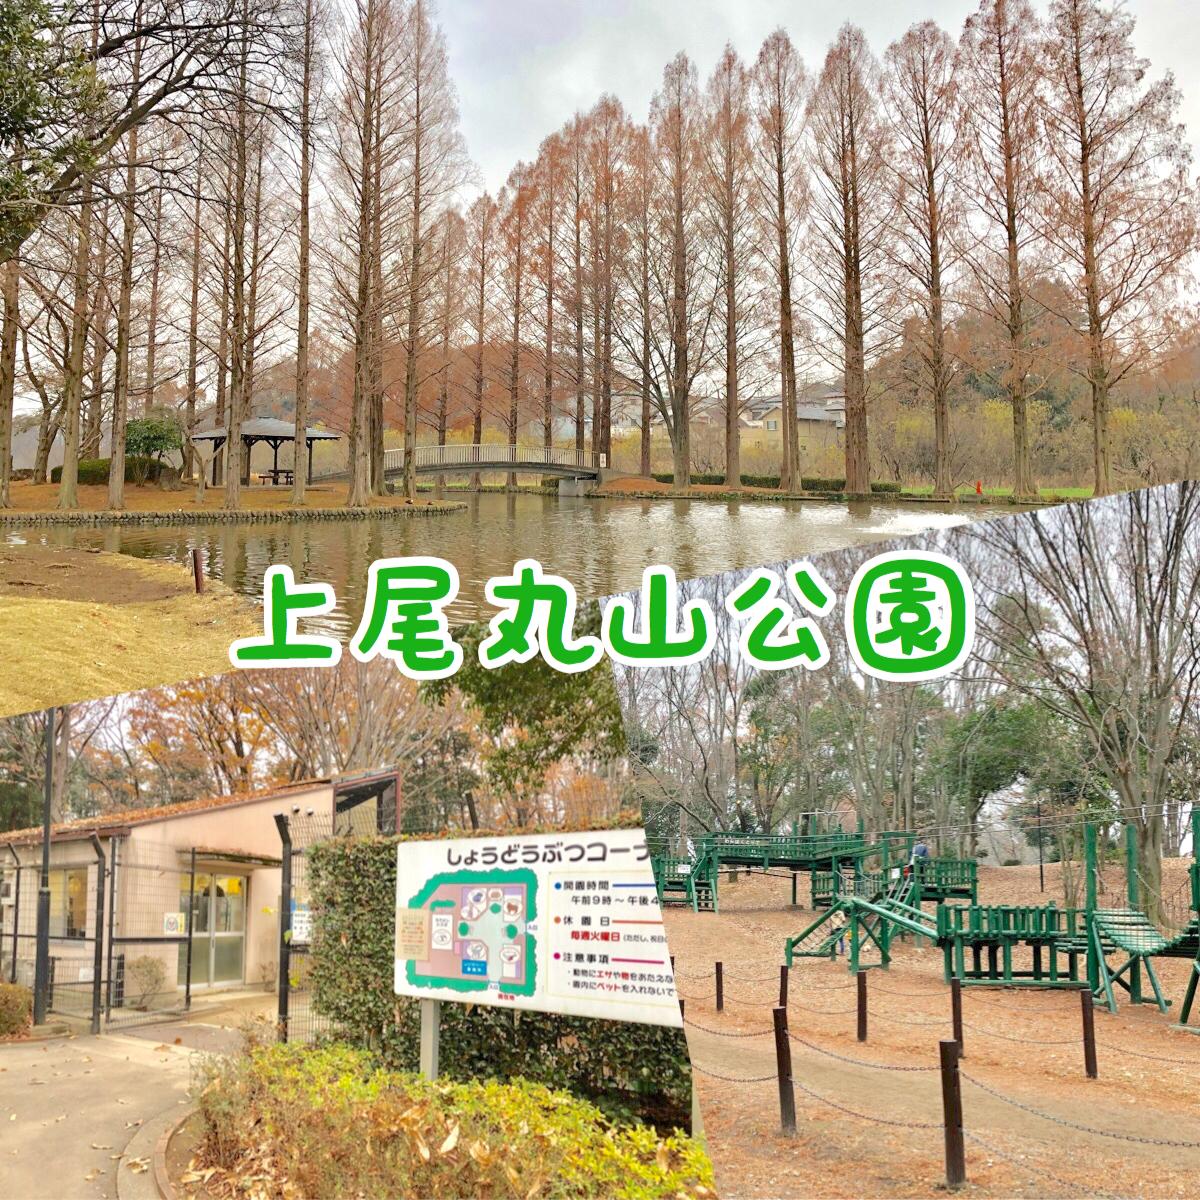 上尾丸山公園|市内最大級の公園の魅力をまとめて紹介!